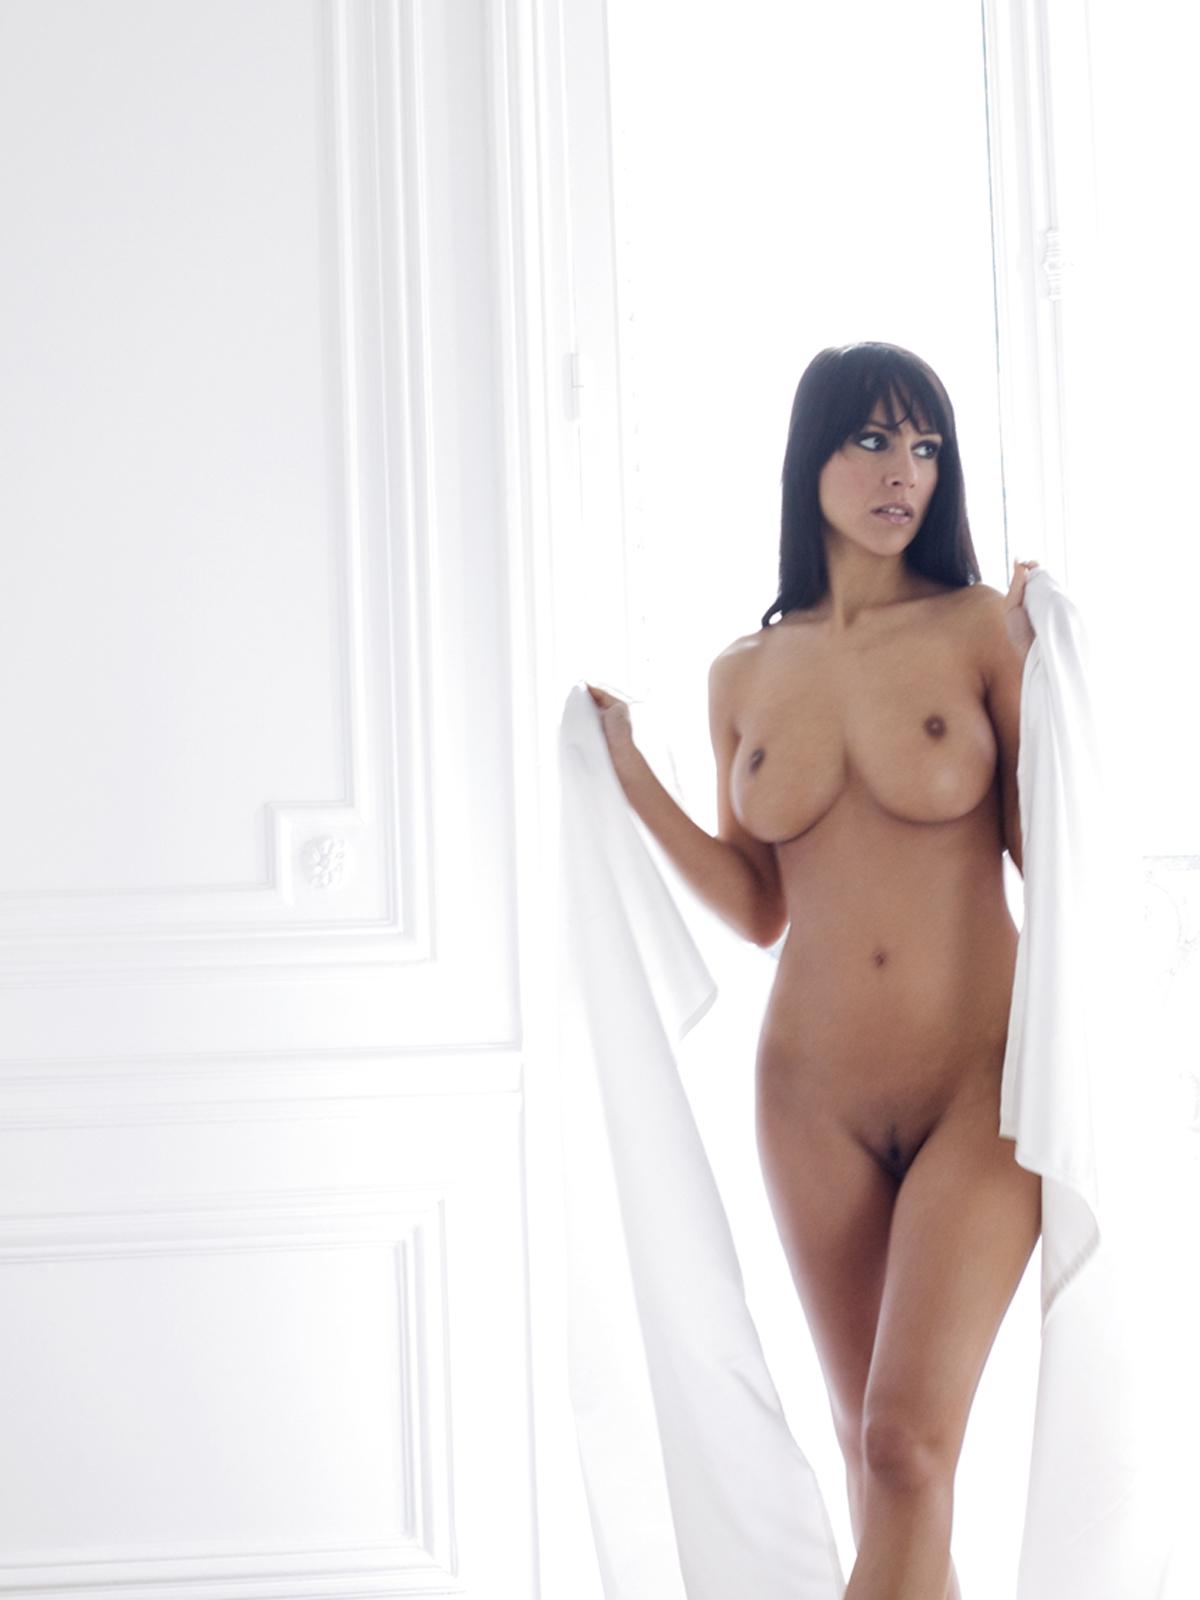 Swxy nude gurls fucking films